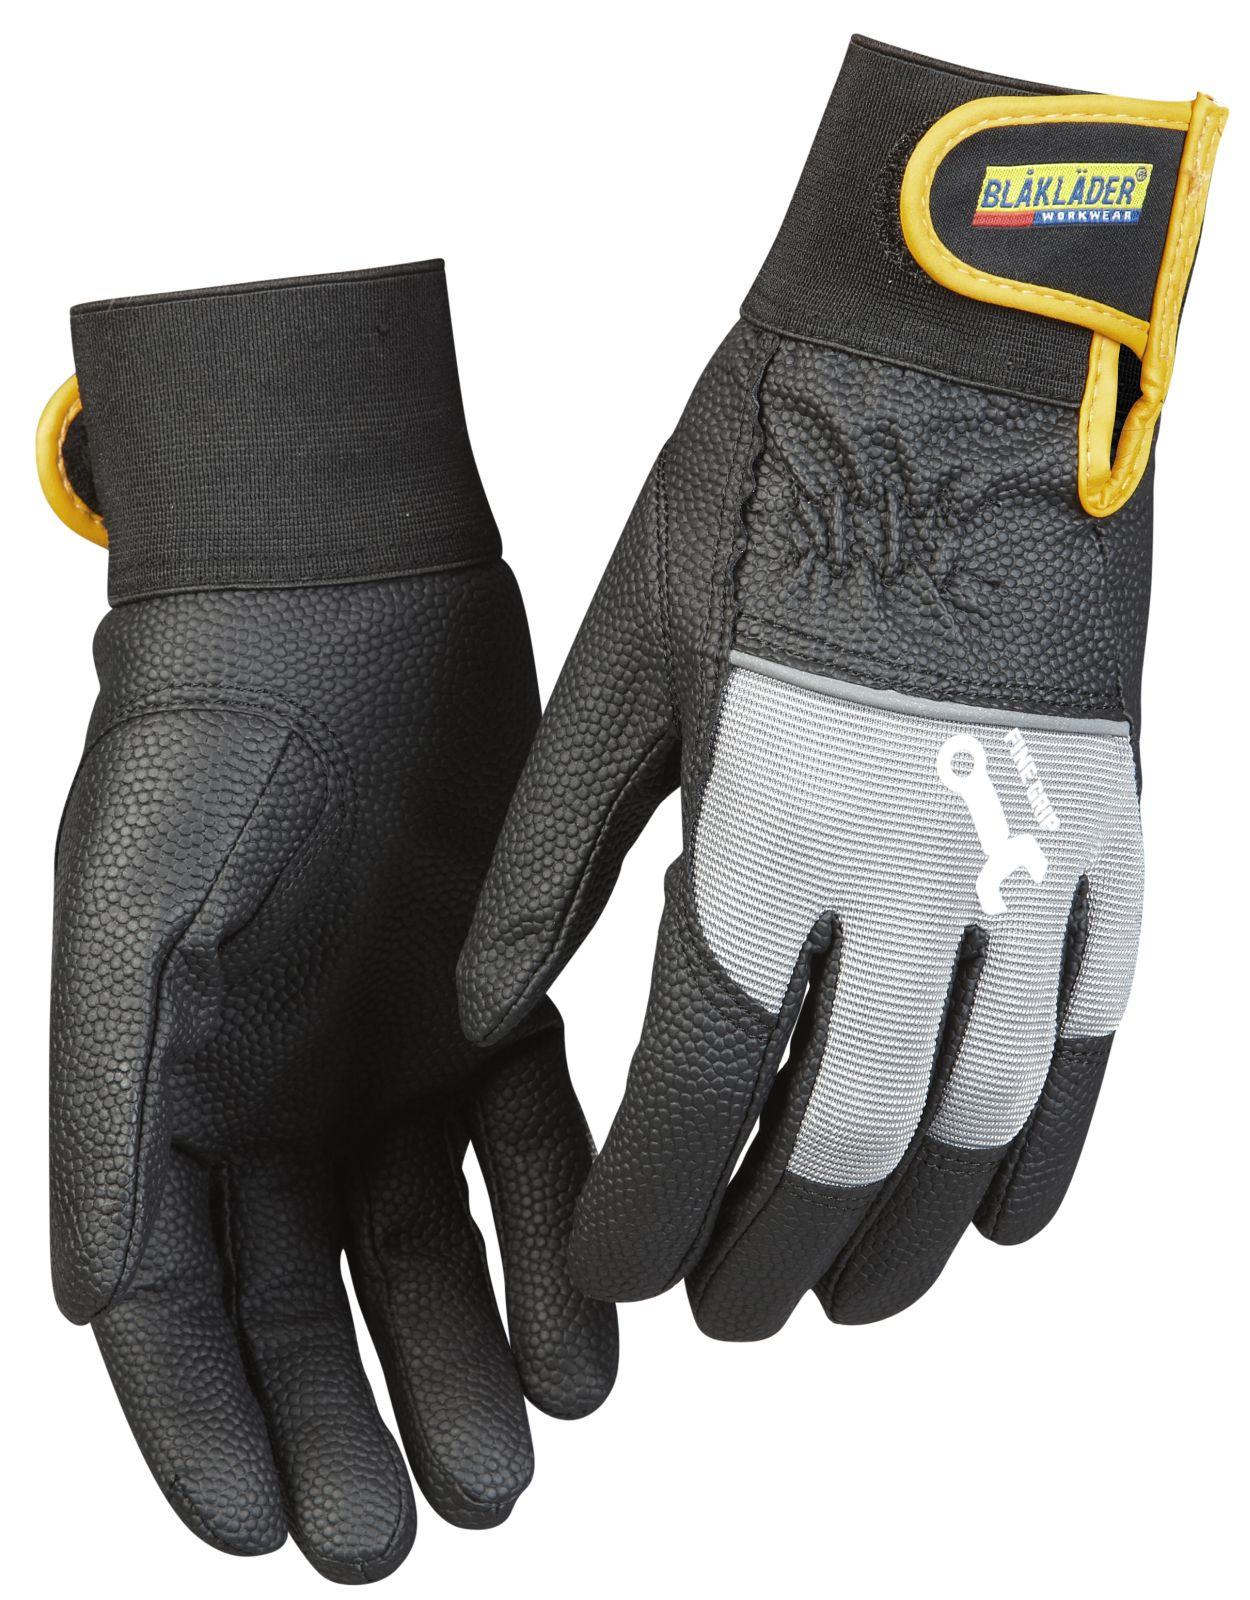 Blaklader Handschoenen 22453942 zwart-grijs(9994)